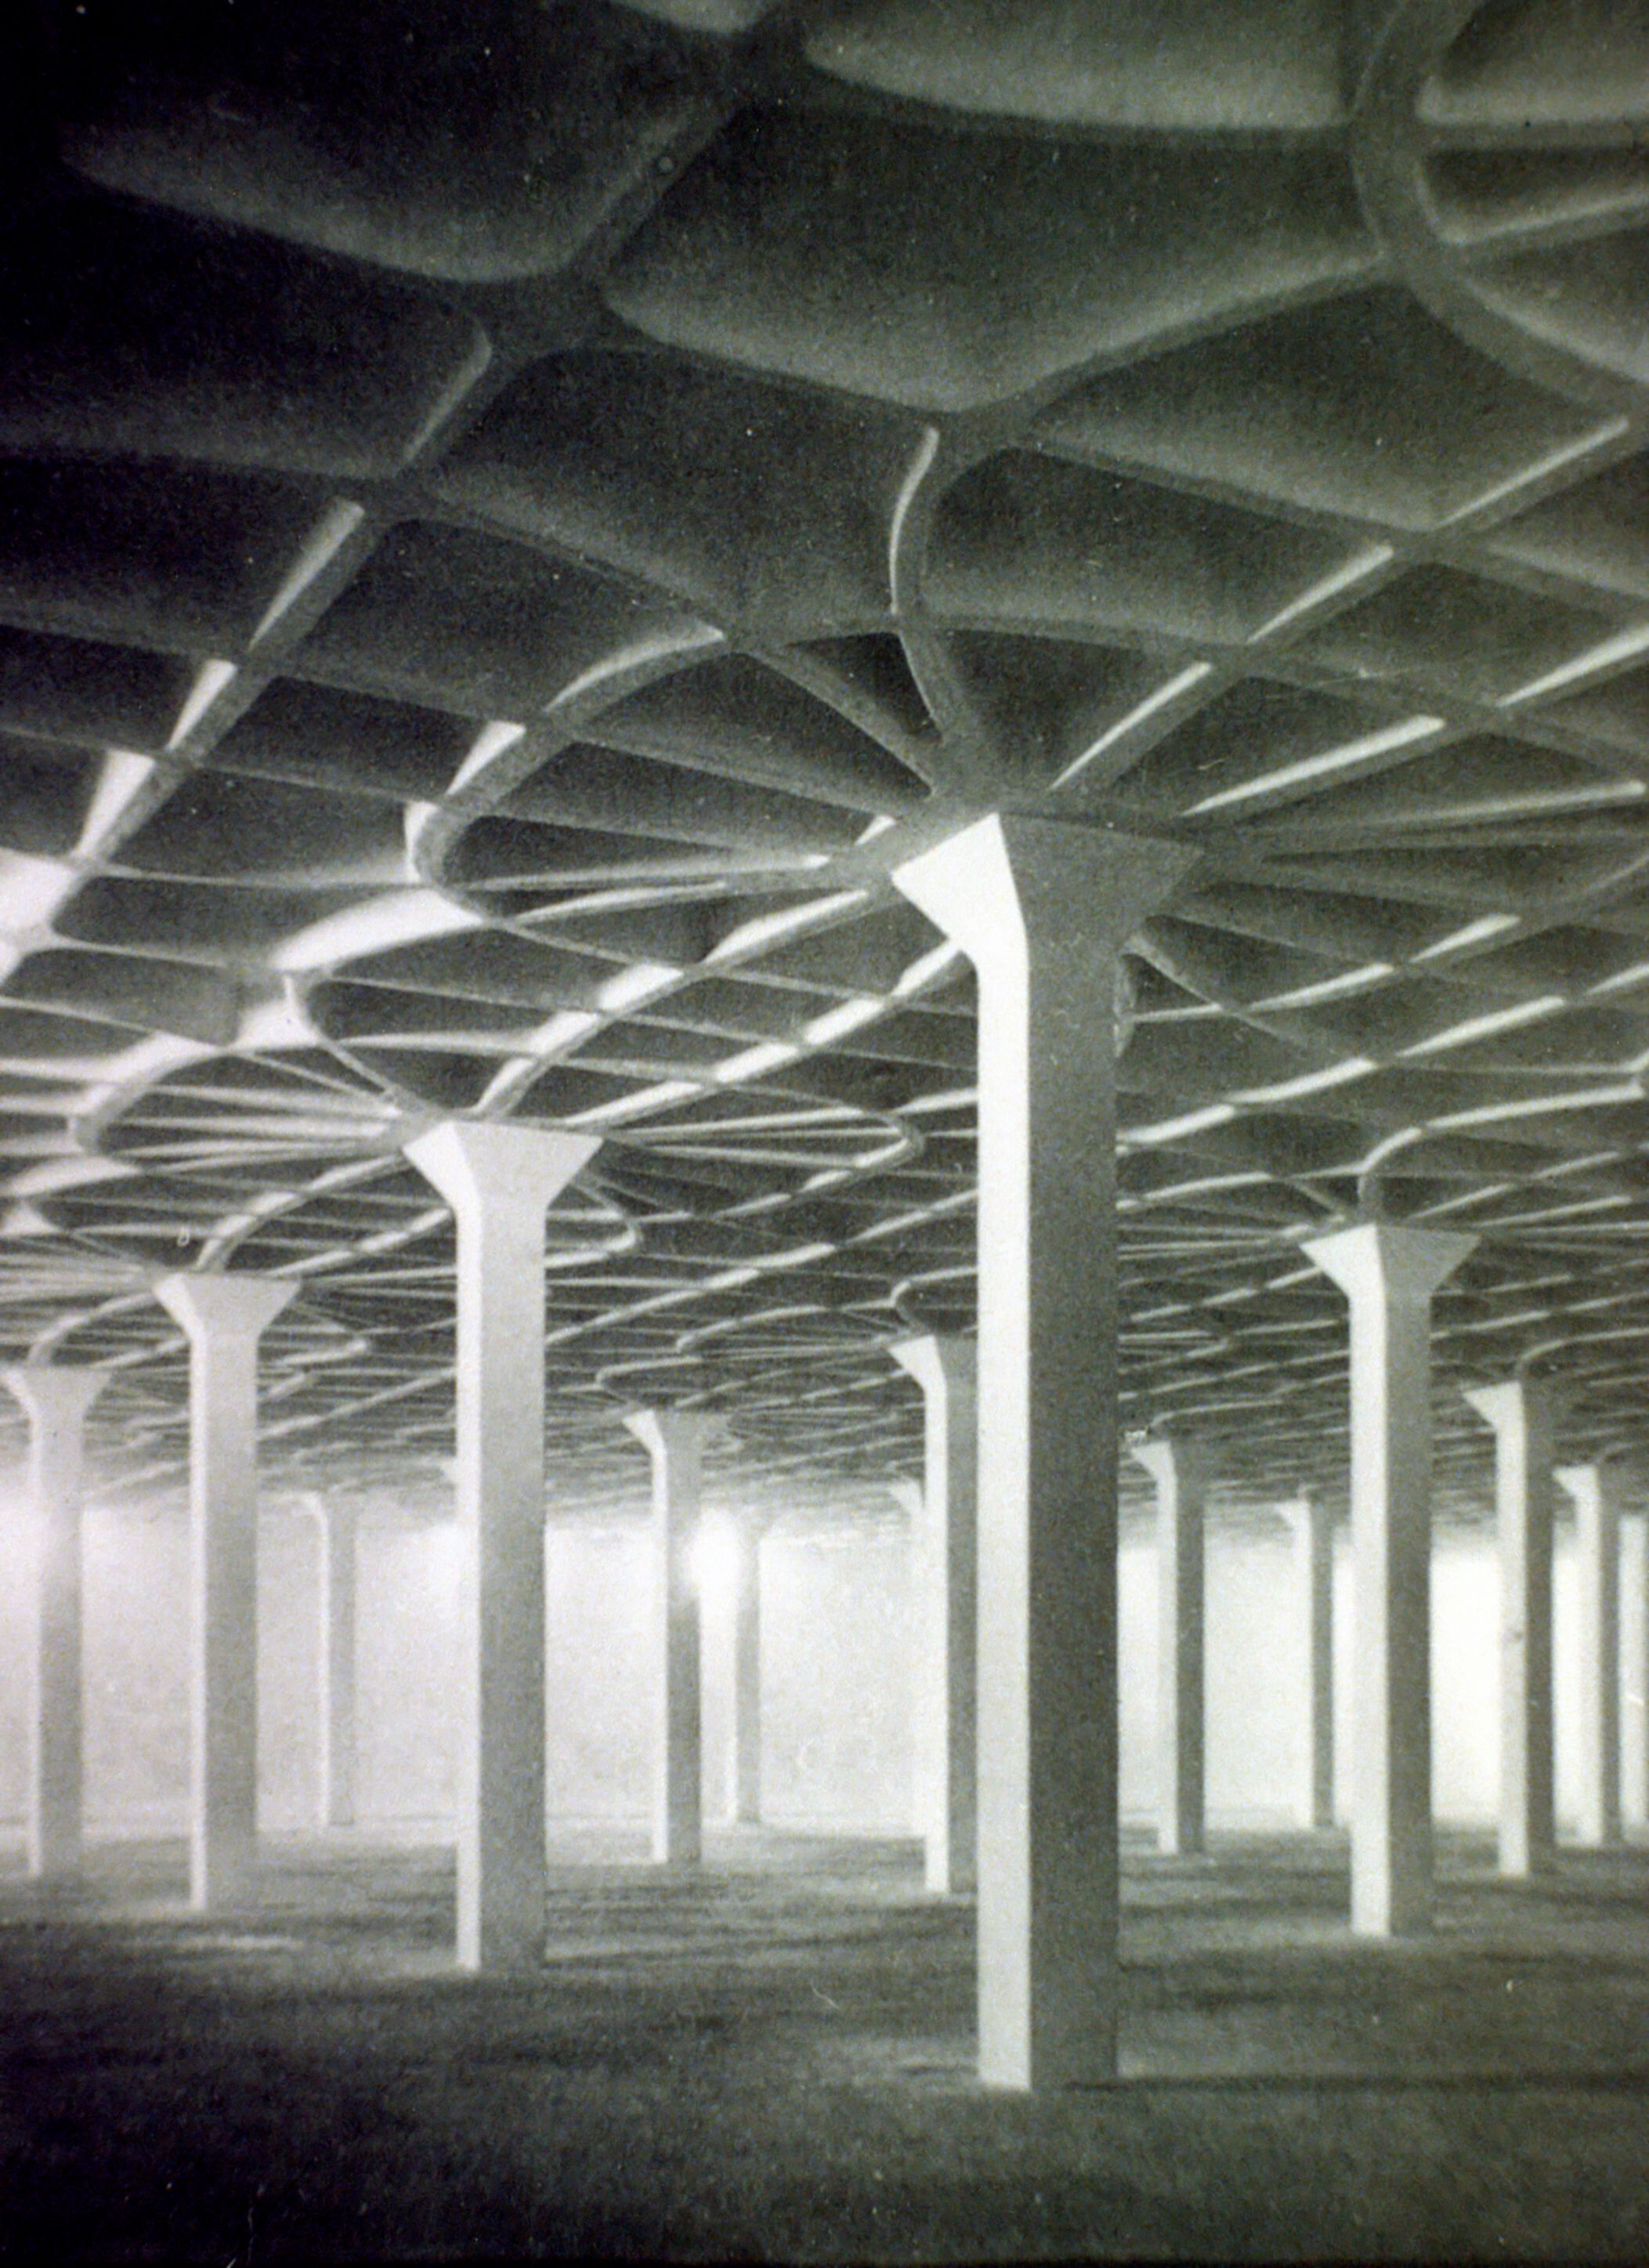 Gatti Wool Factory by Pier Luigi Nervi